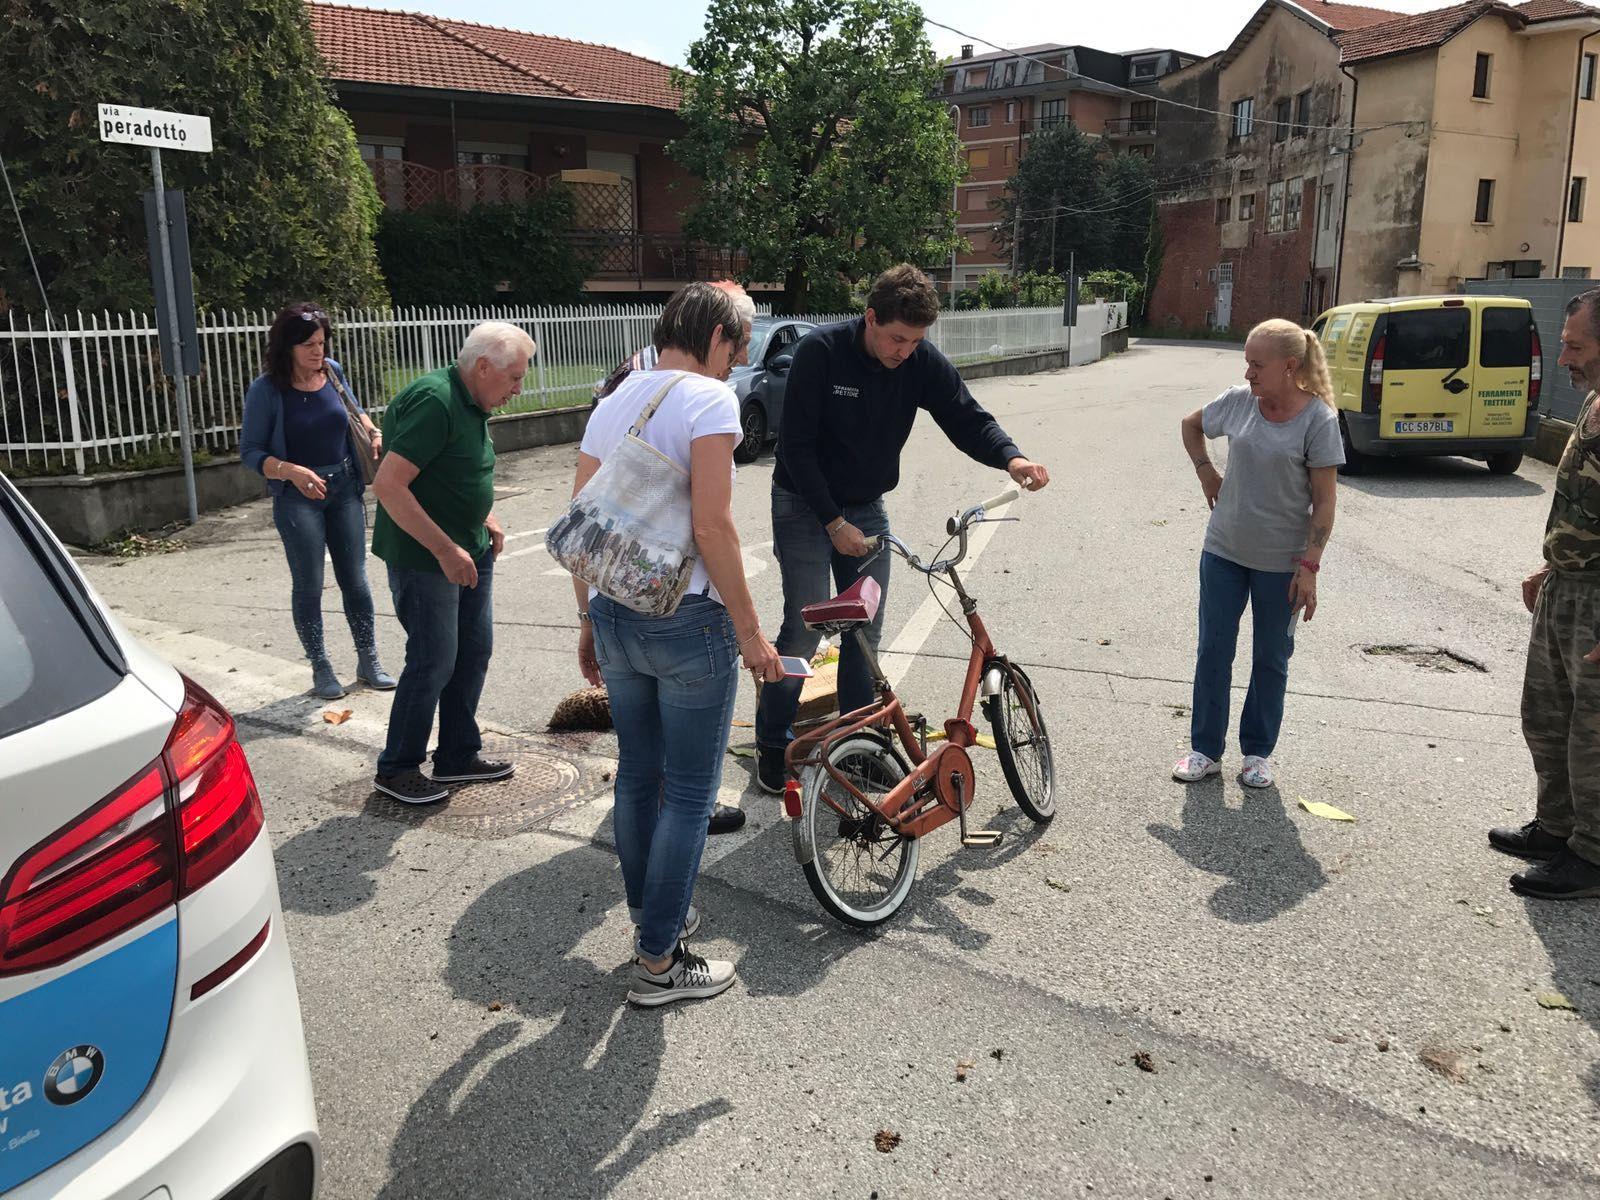 VALPERGA - Ciclista investito da un'auto vicino alla ferrovia: identificata l'autista - FOTO e VIDEO